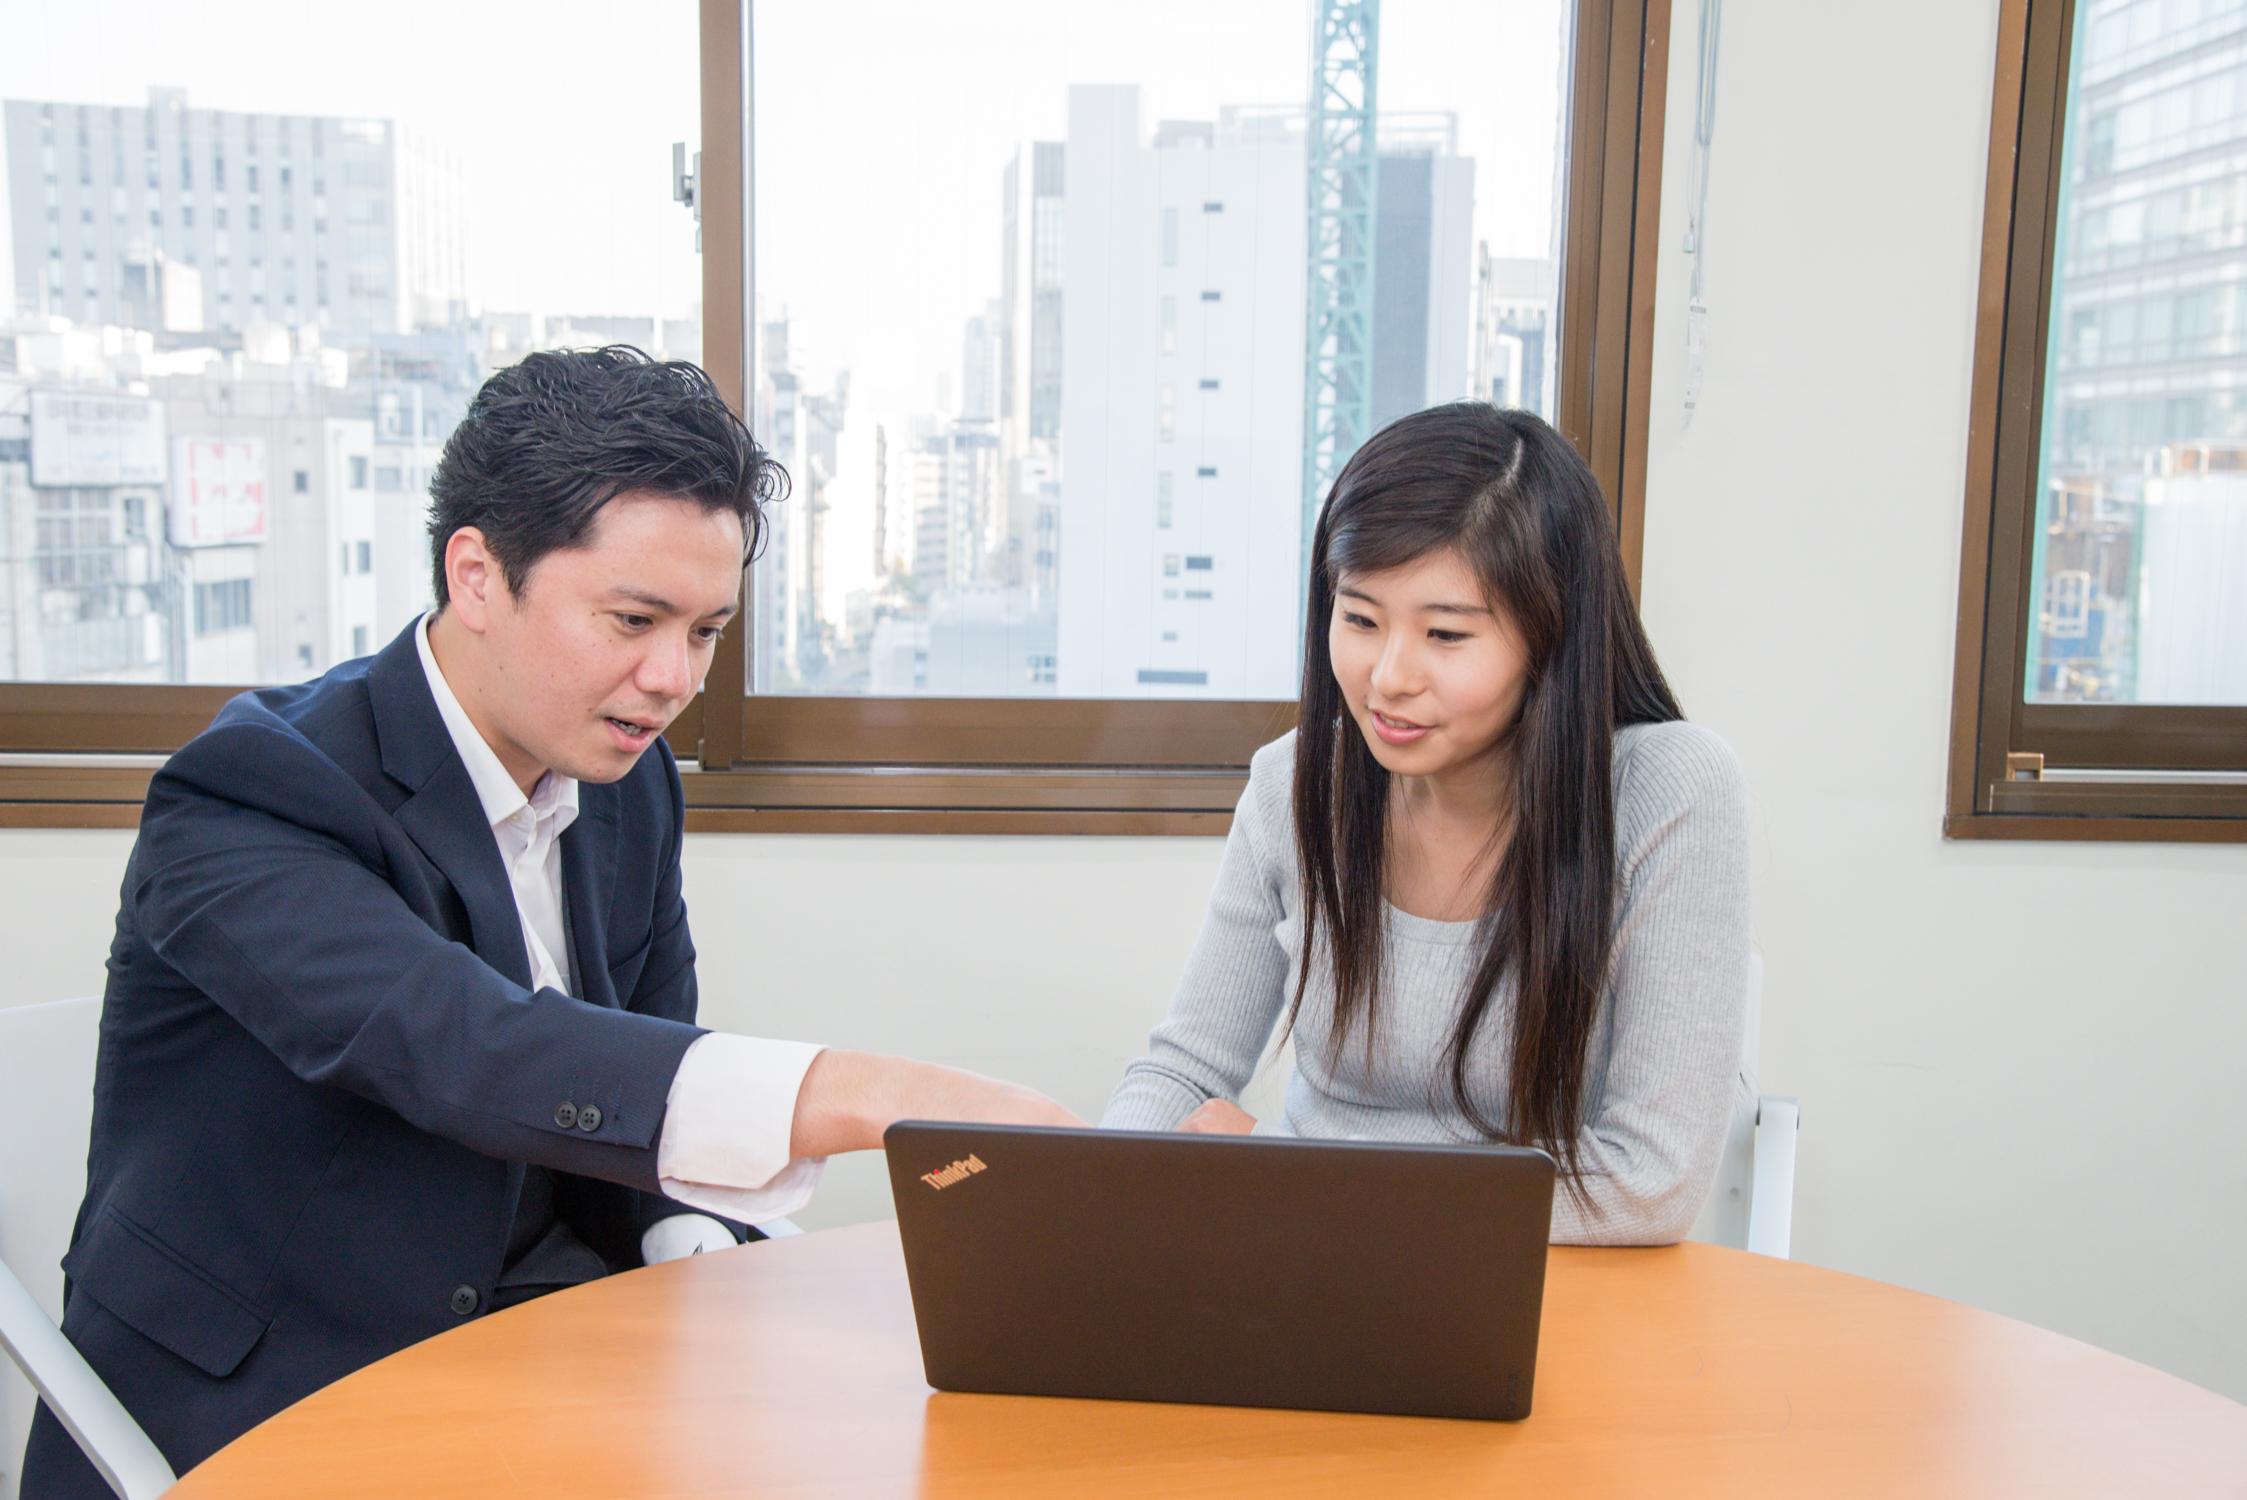 【経営、マーケティングに興味がある方】講座で学び、実践で成長しませんか?